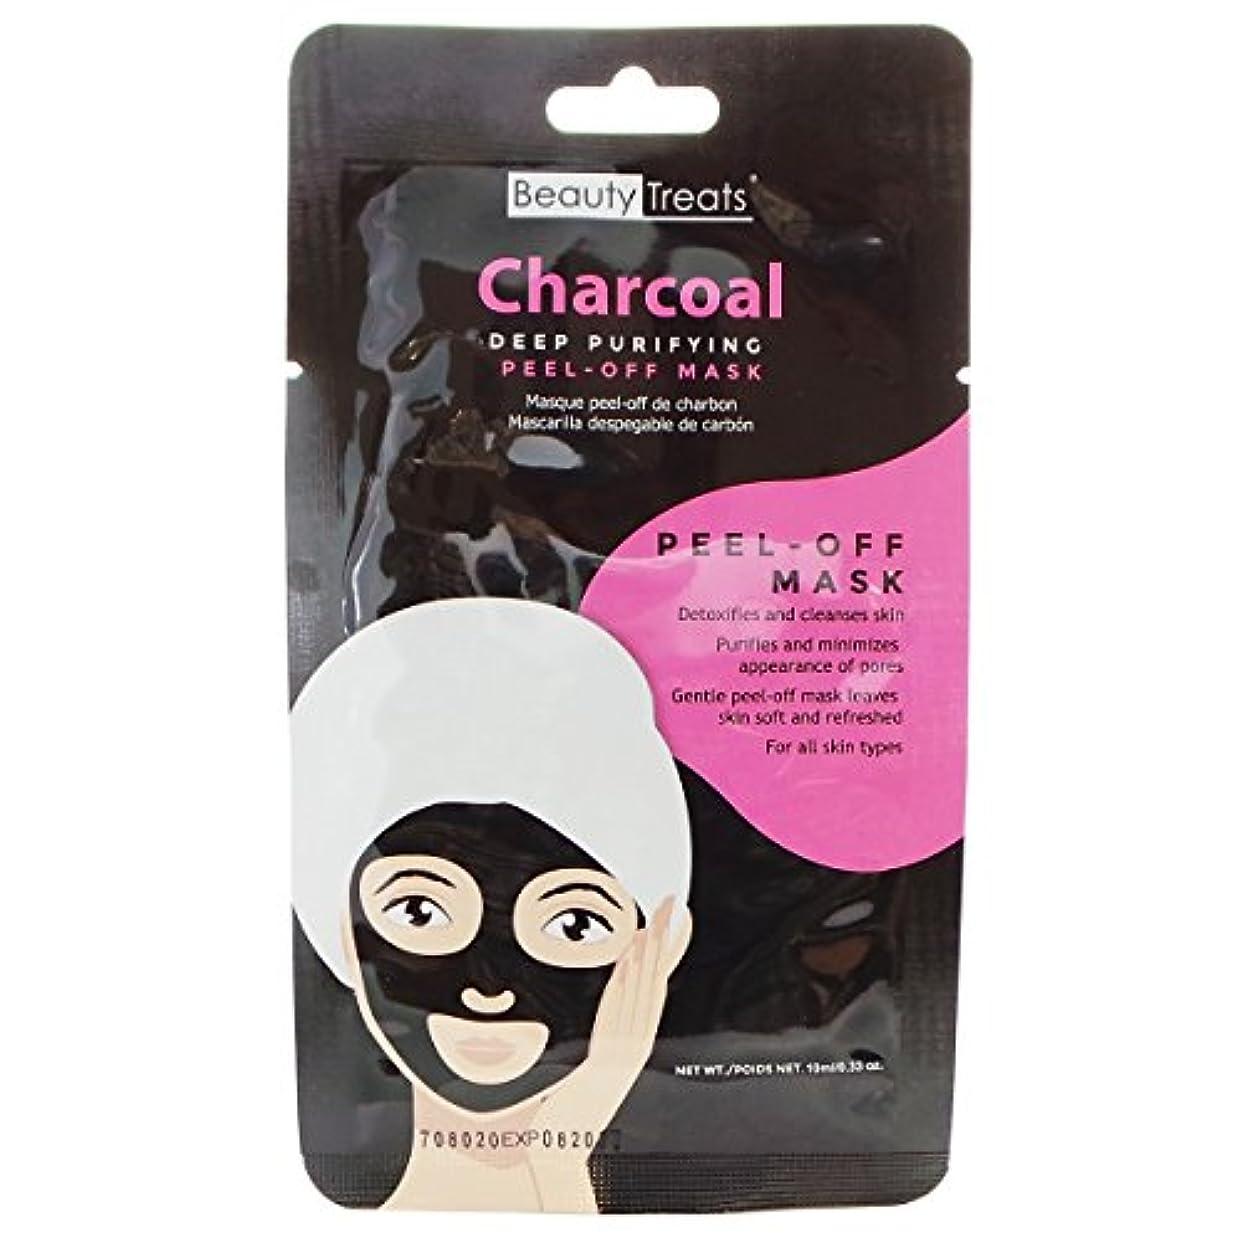 通路不正直サンダル(6 Pack) BEAUTY TREATS Deep Purifying Peel-Off Charcoal Mask (並行輸入品)